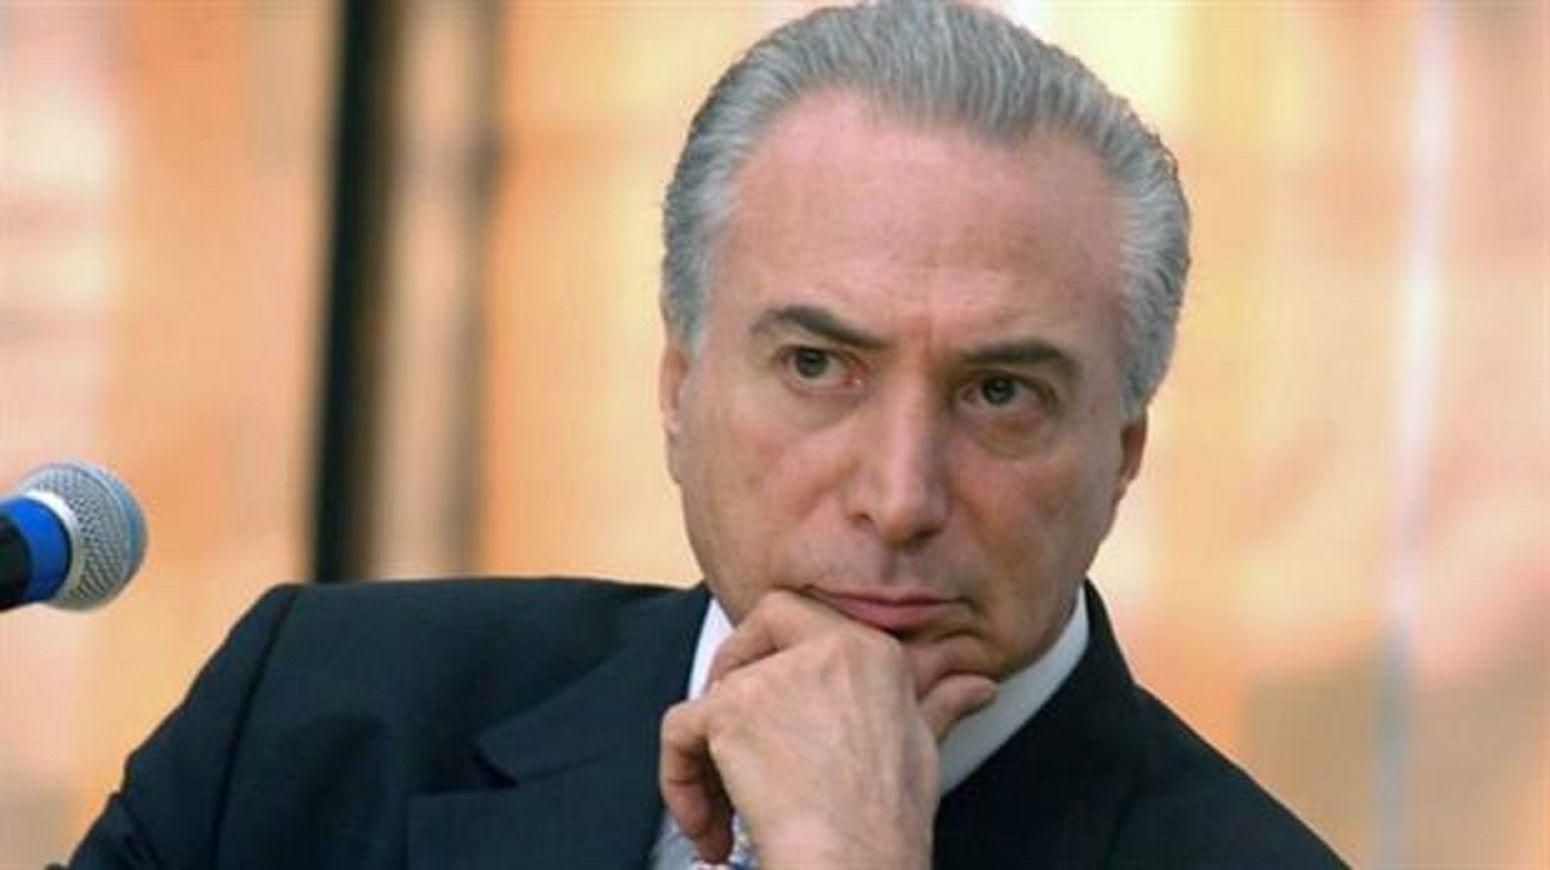 Brasil: un condenado en el caso de Petrobras acusó a Temer de recibir sobornos